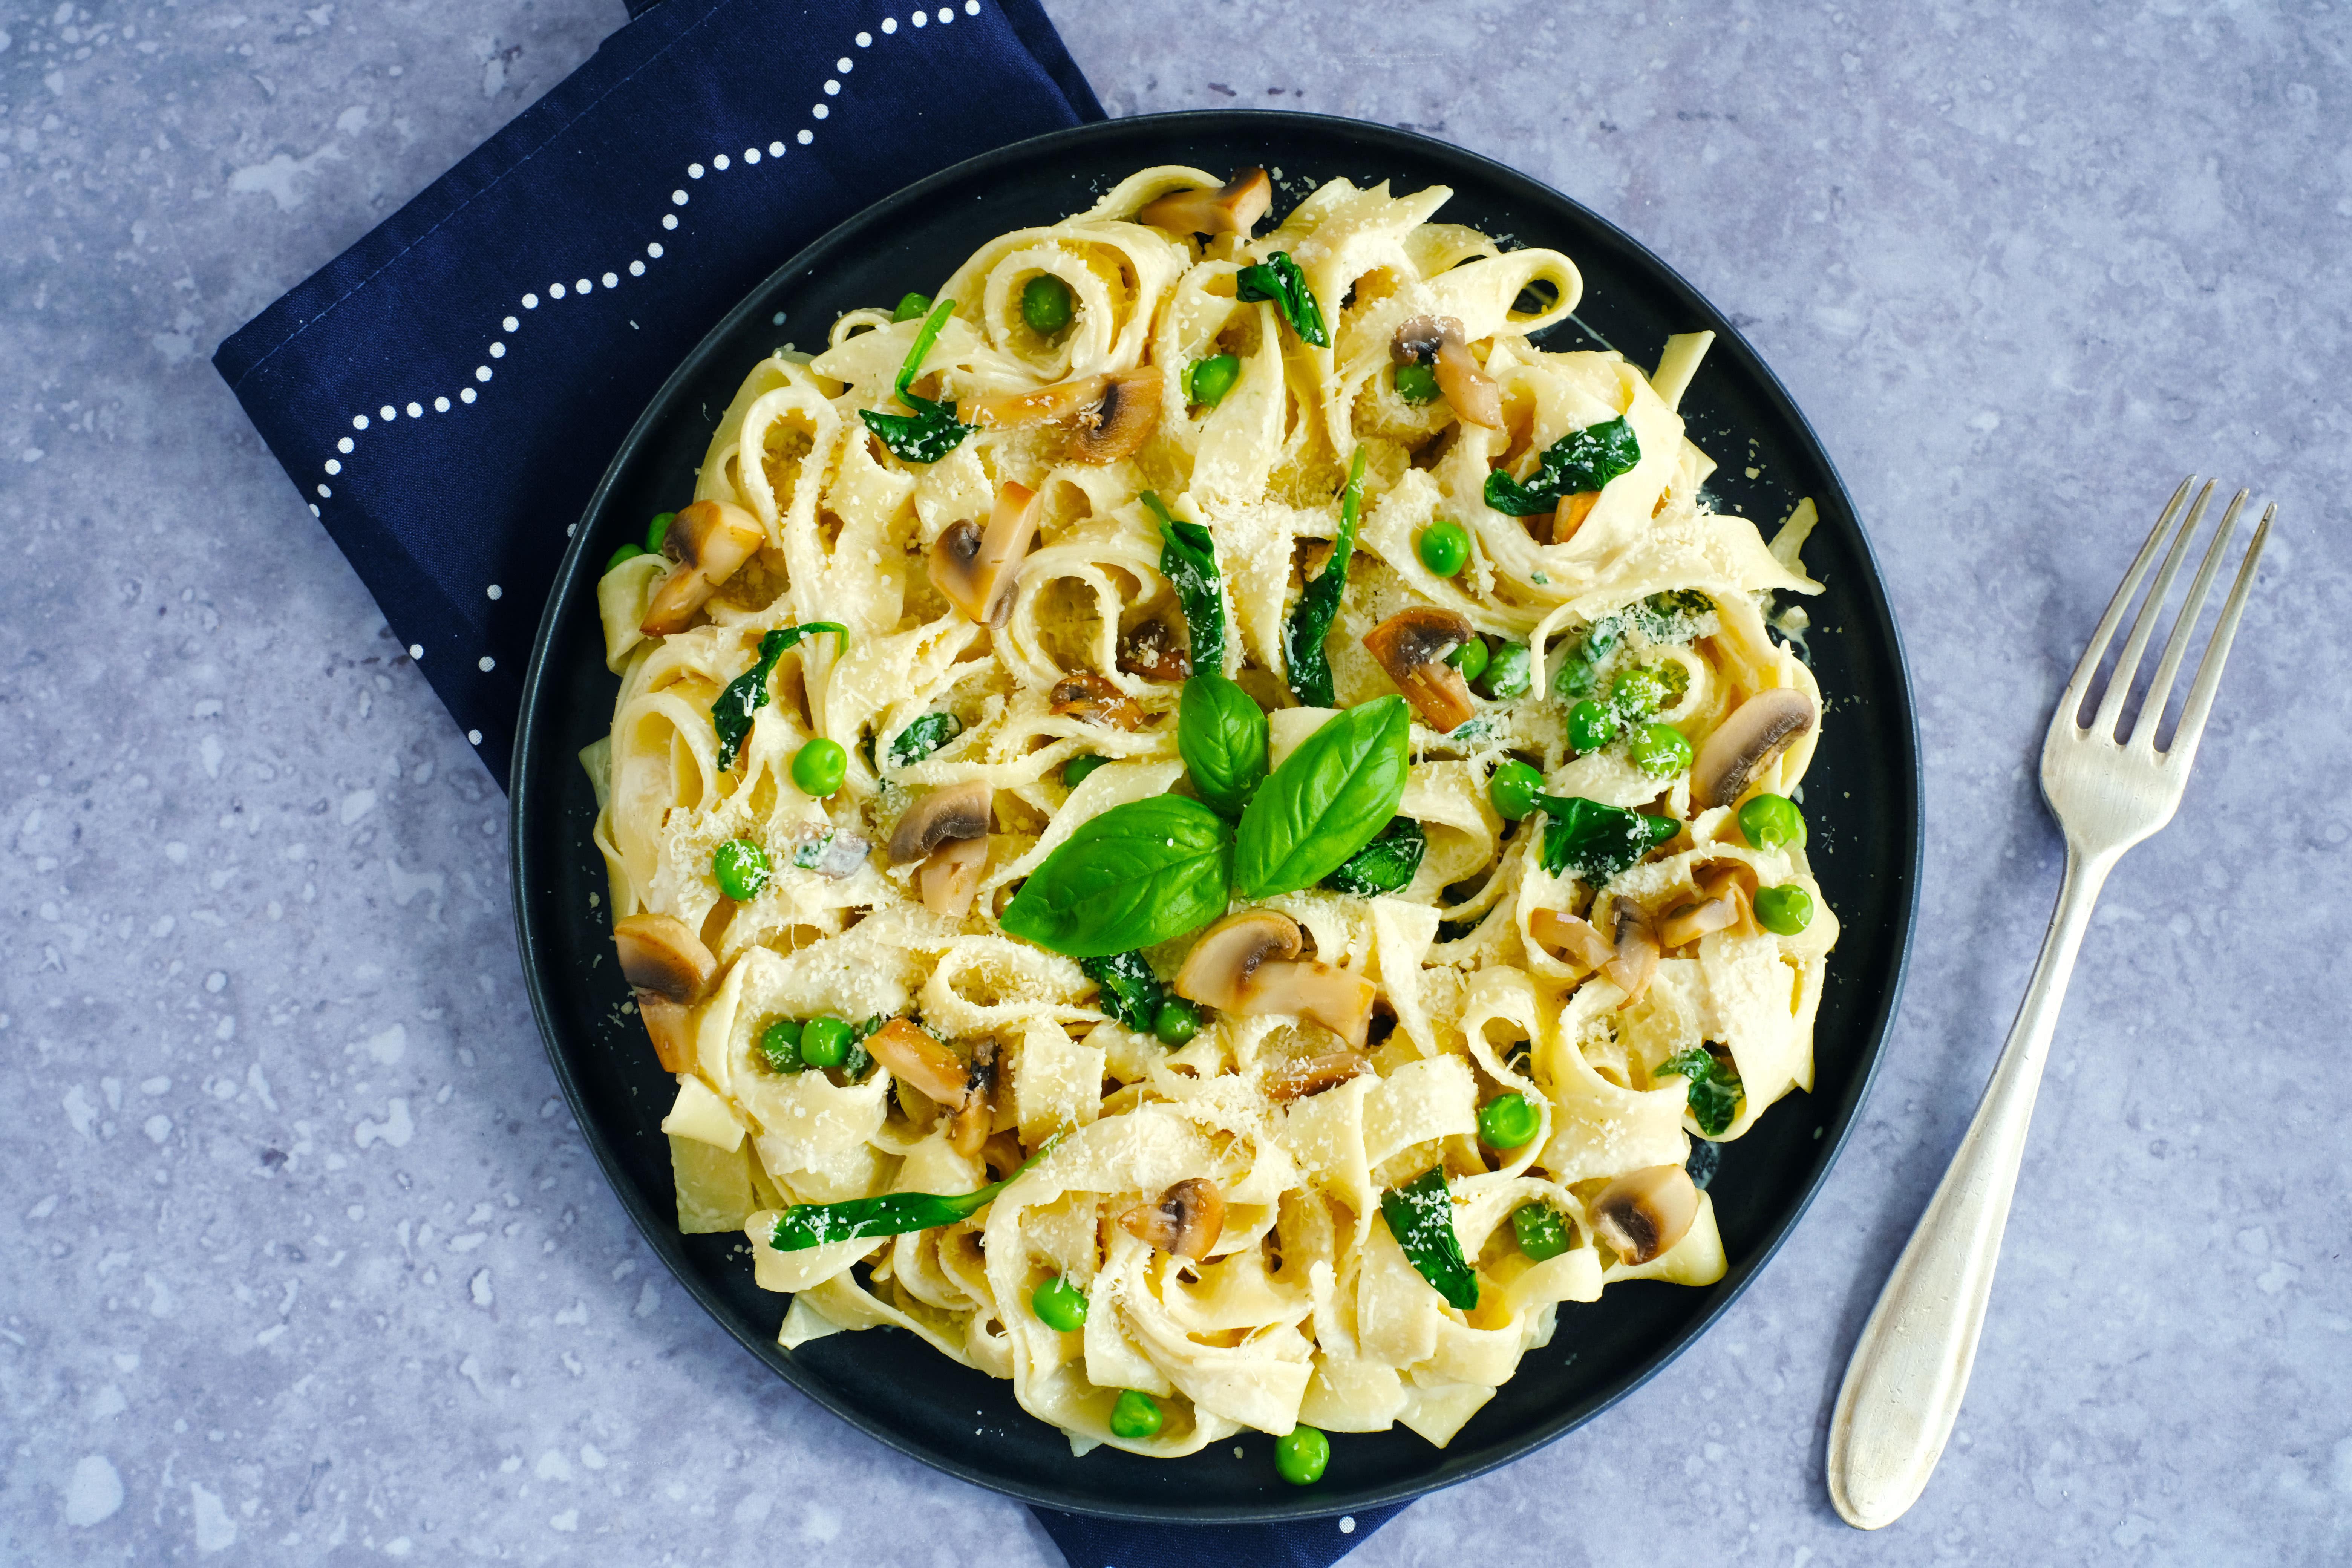 Fettuccine Paglia e Fieno with Spinach and Mushrooms